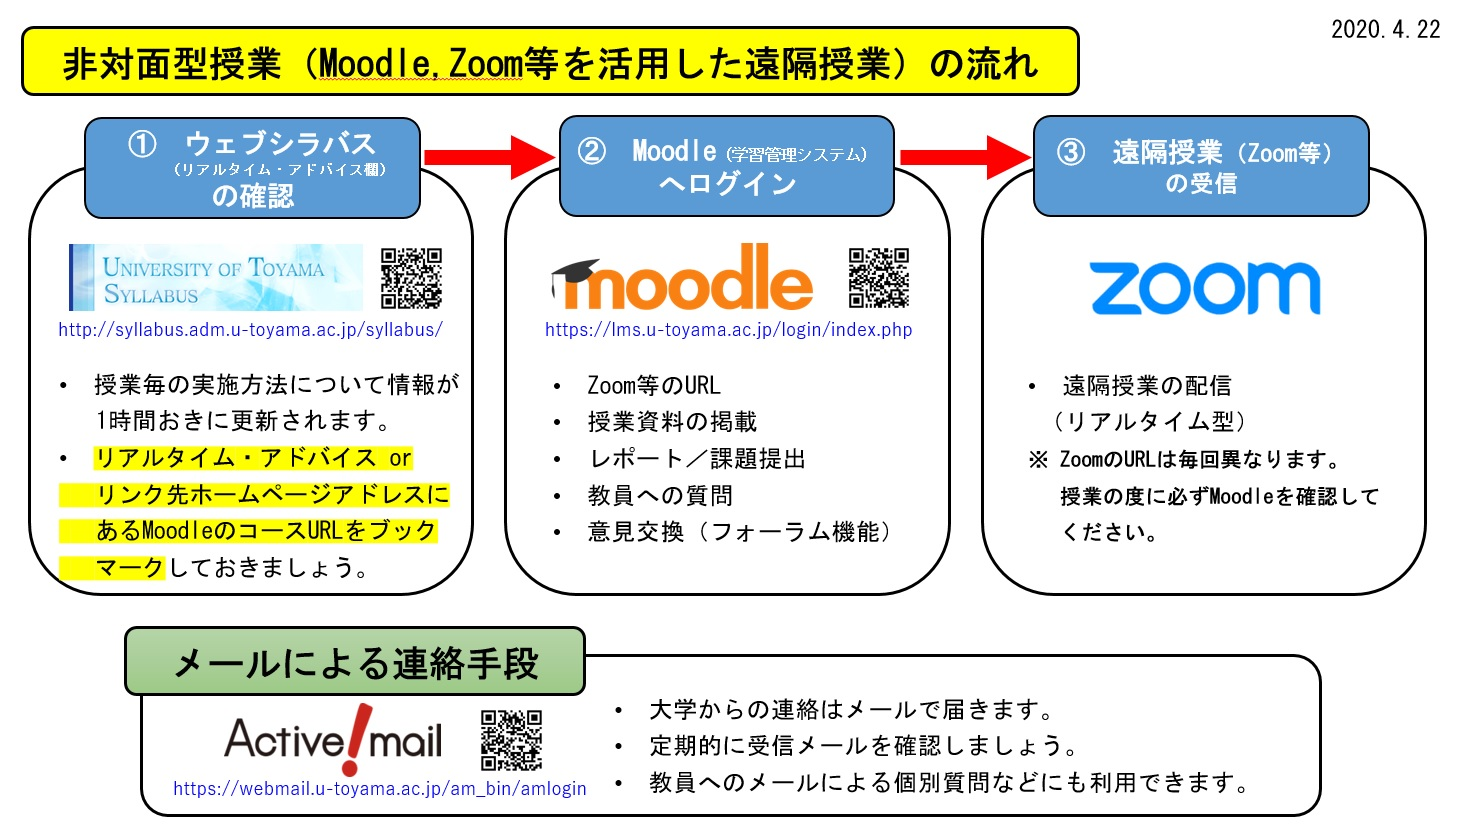 Moodle 三重 大学 CeMDS サポートデスク